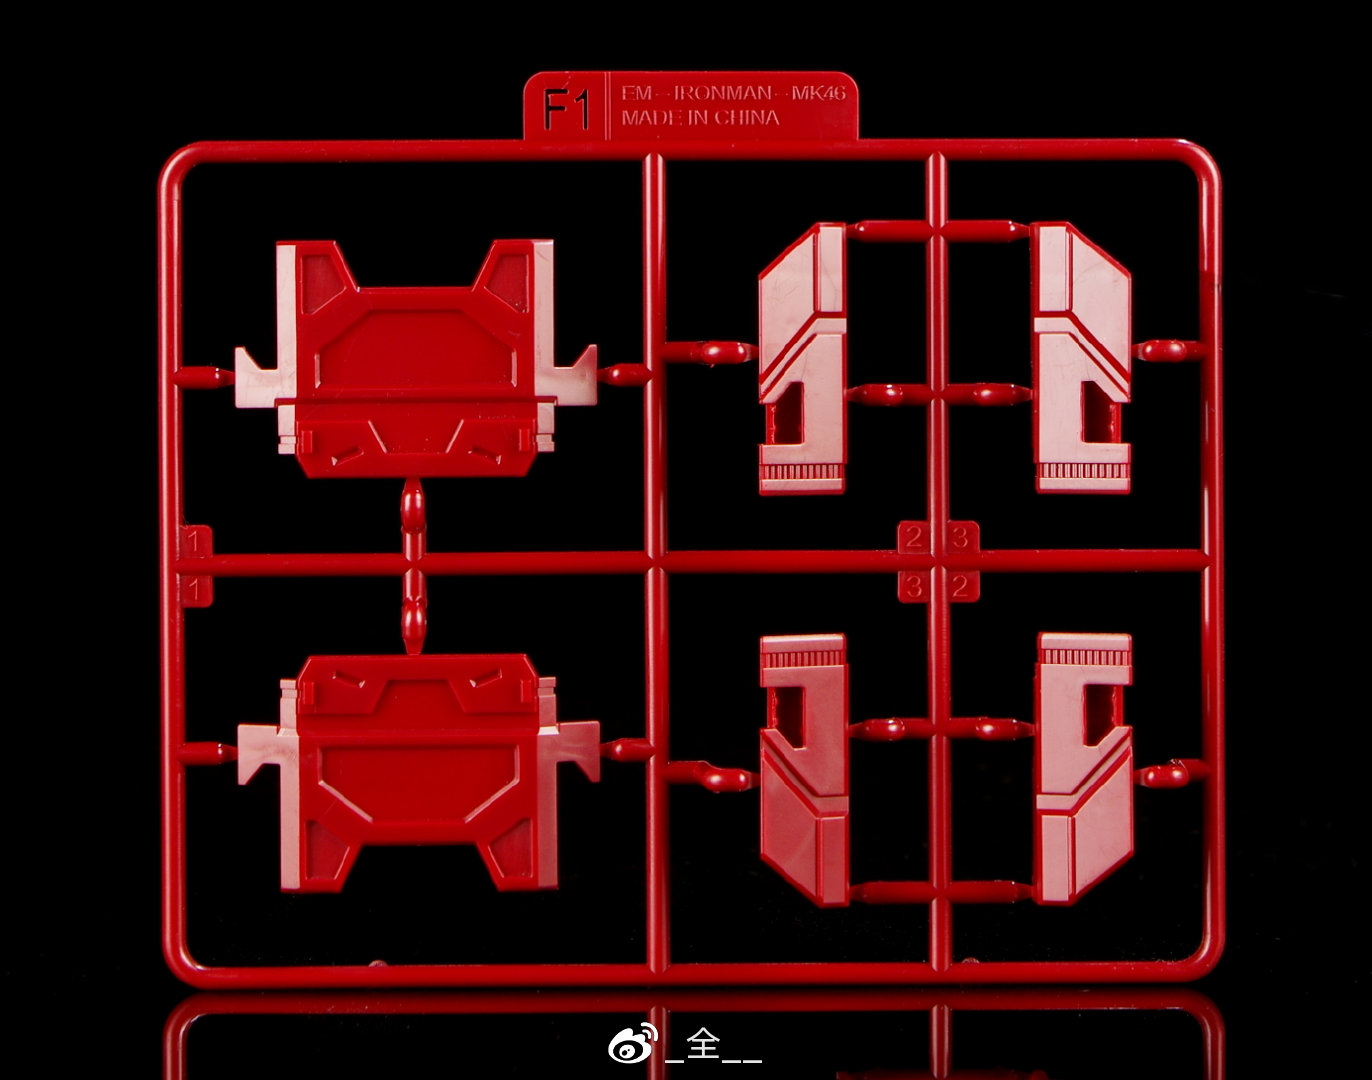 S509_E_Model_MK46_0328_010.jpg